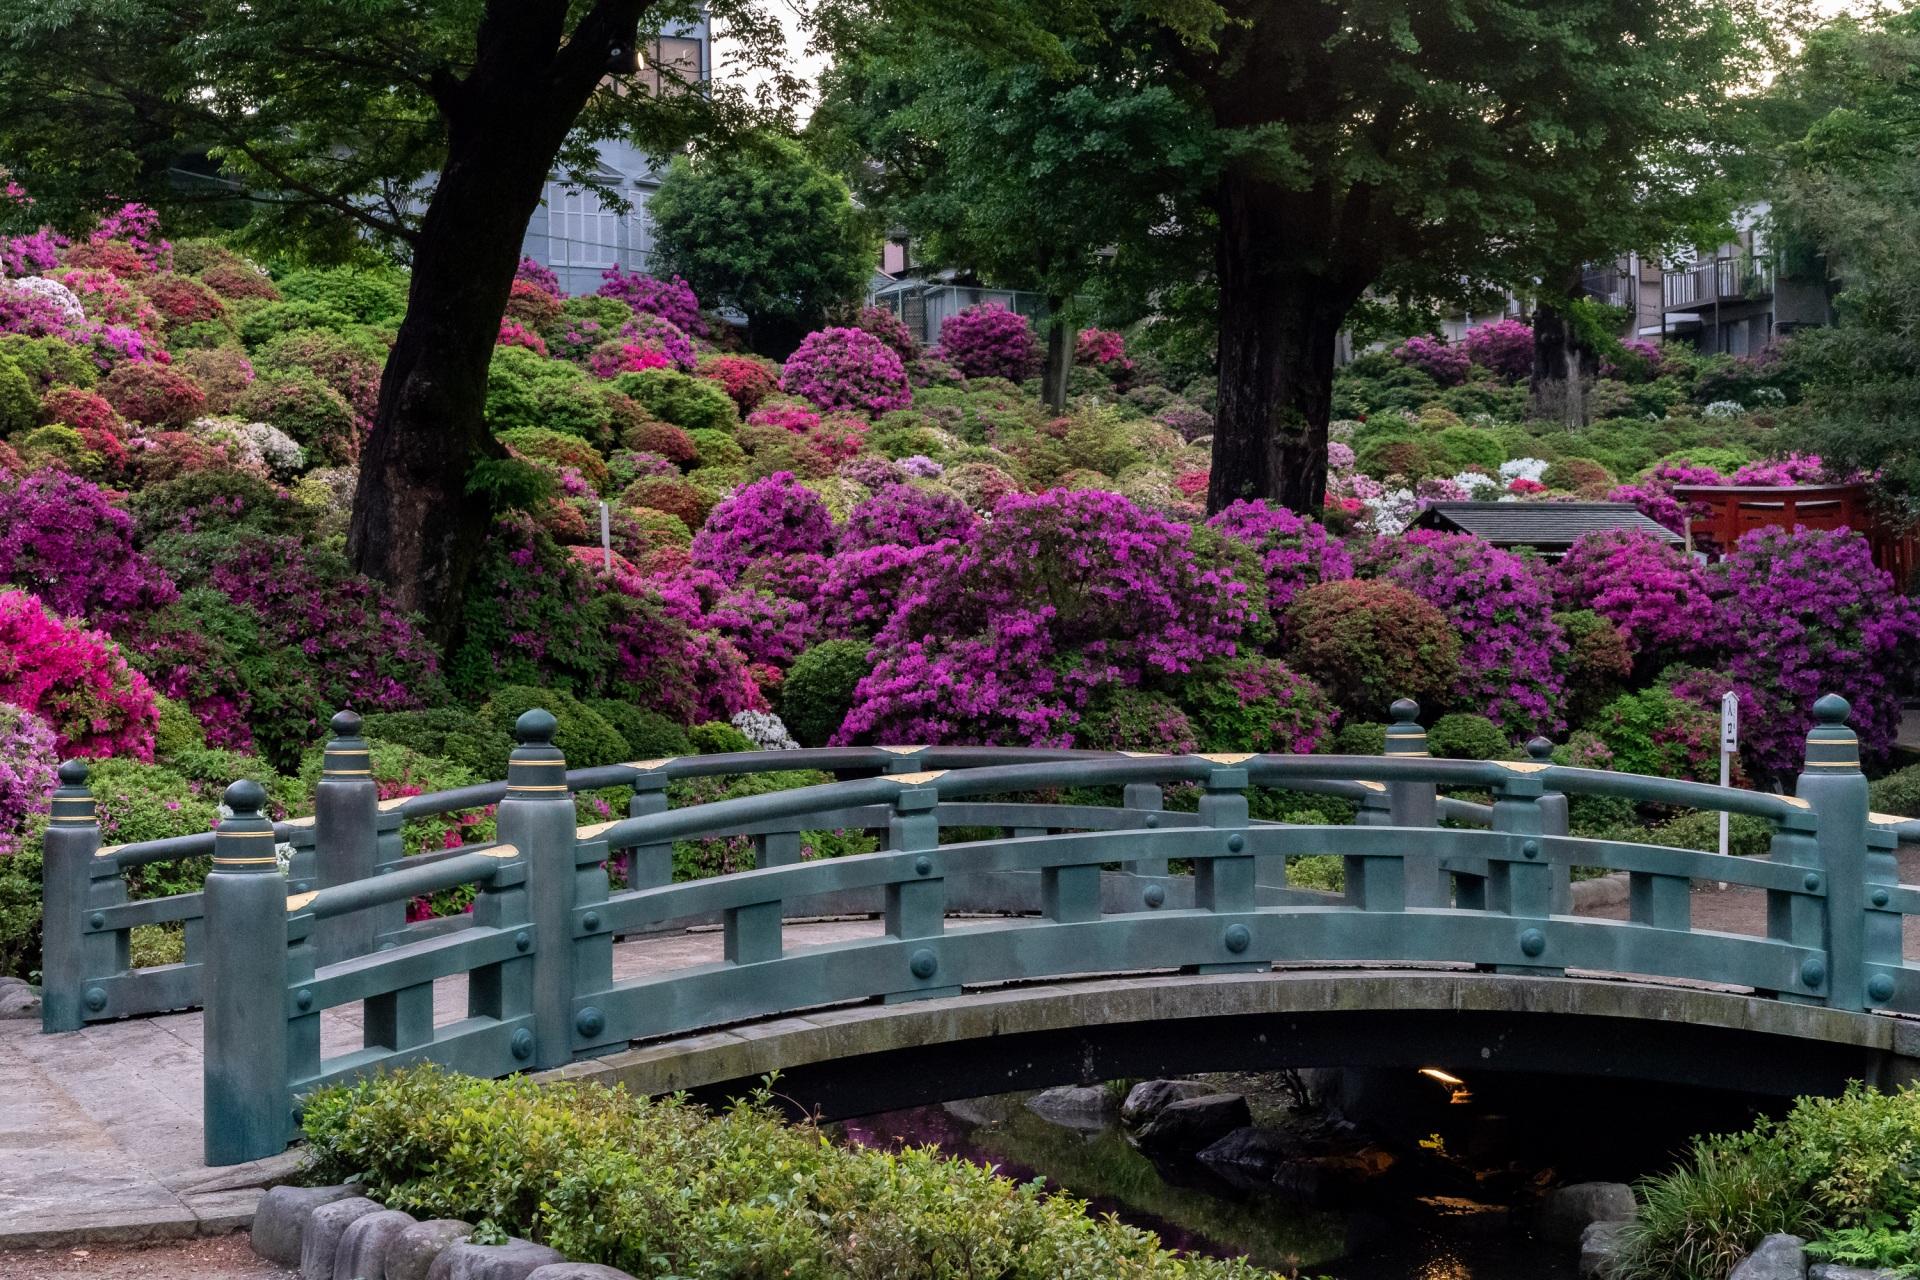 Фото Киото Япония Мосты Природа Парки кустов 1920x1280 парк Кусты